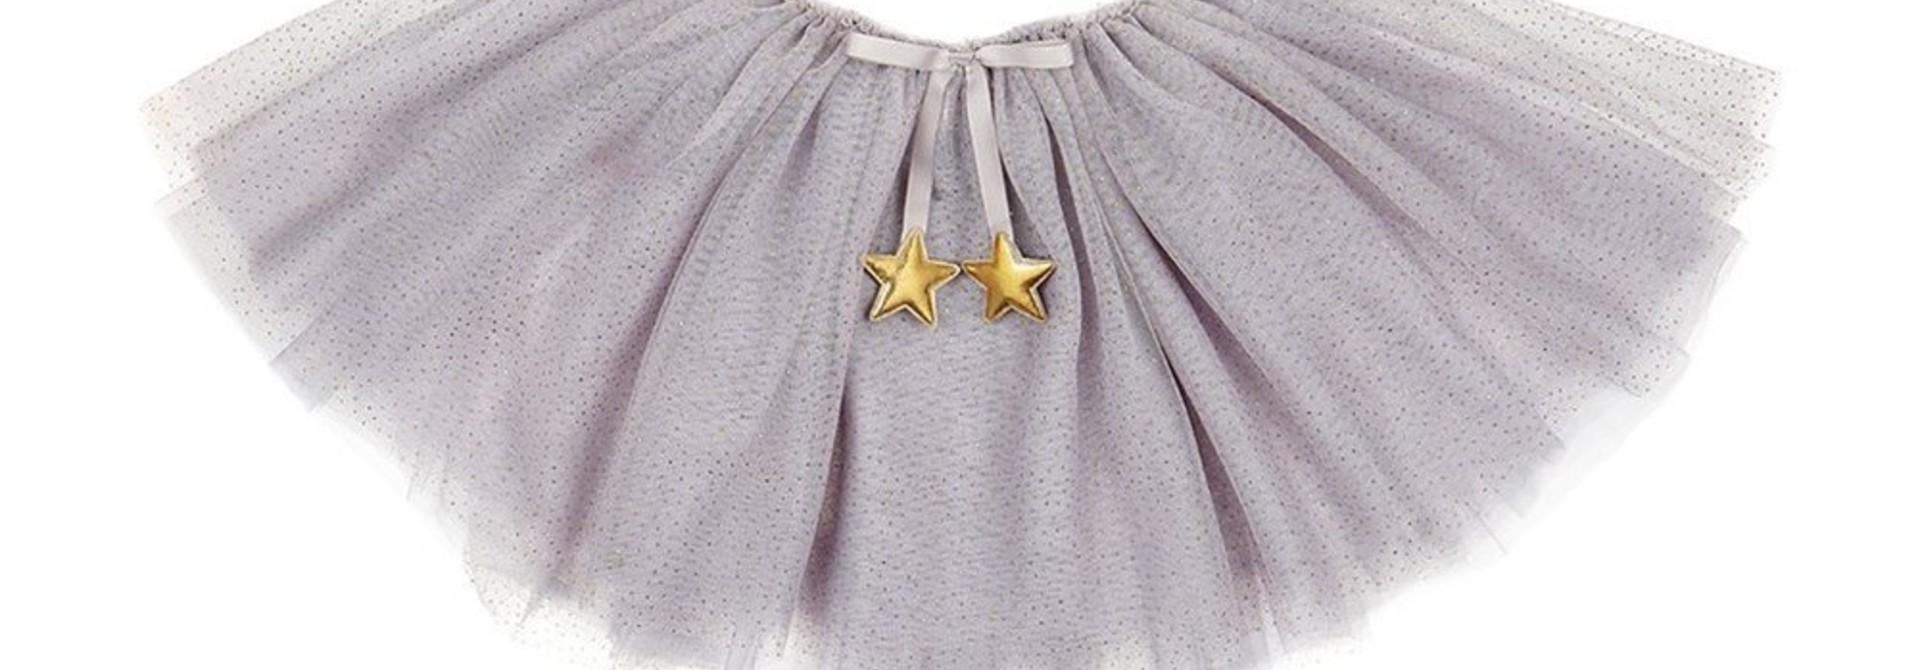 Fairy dust sparkle tutu - grey